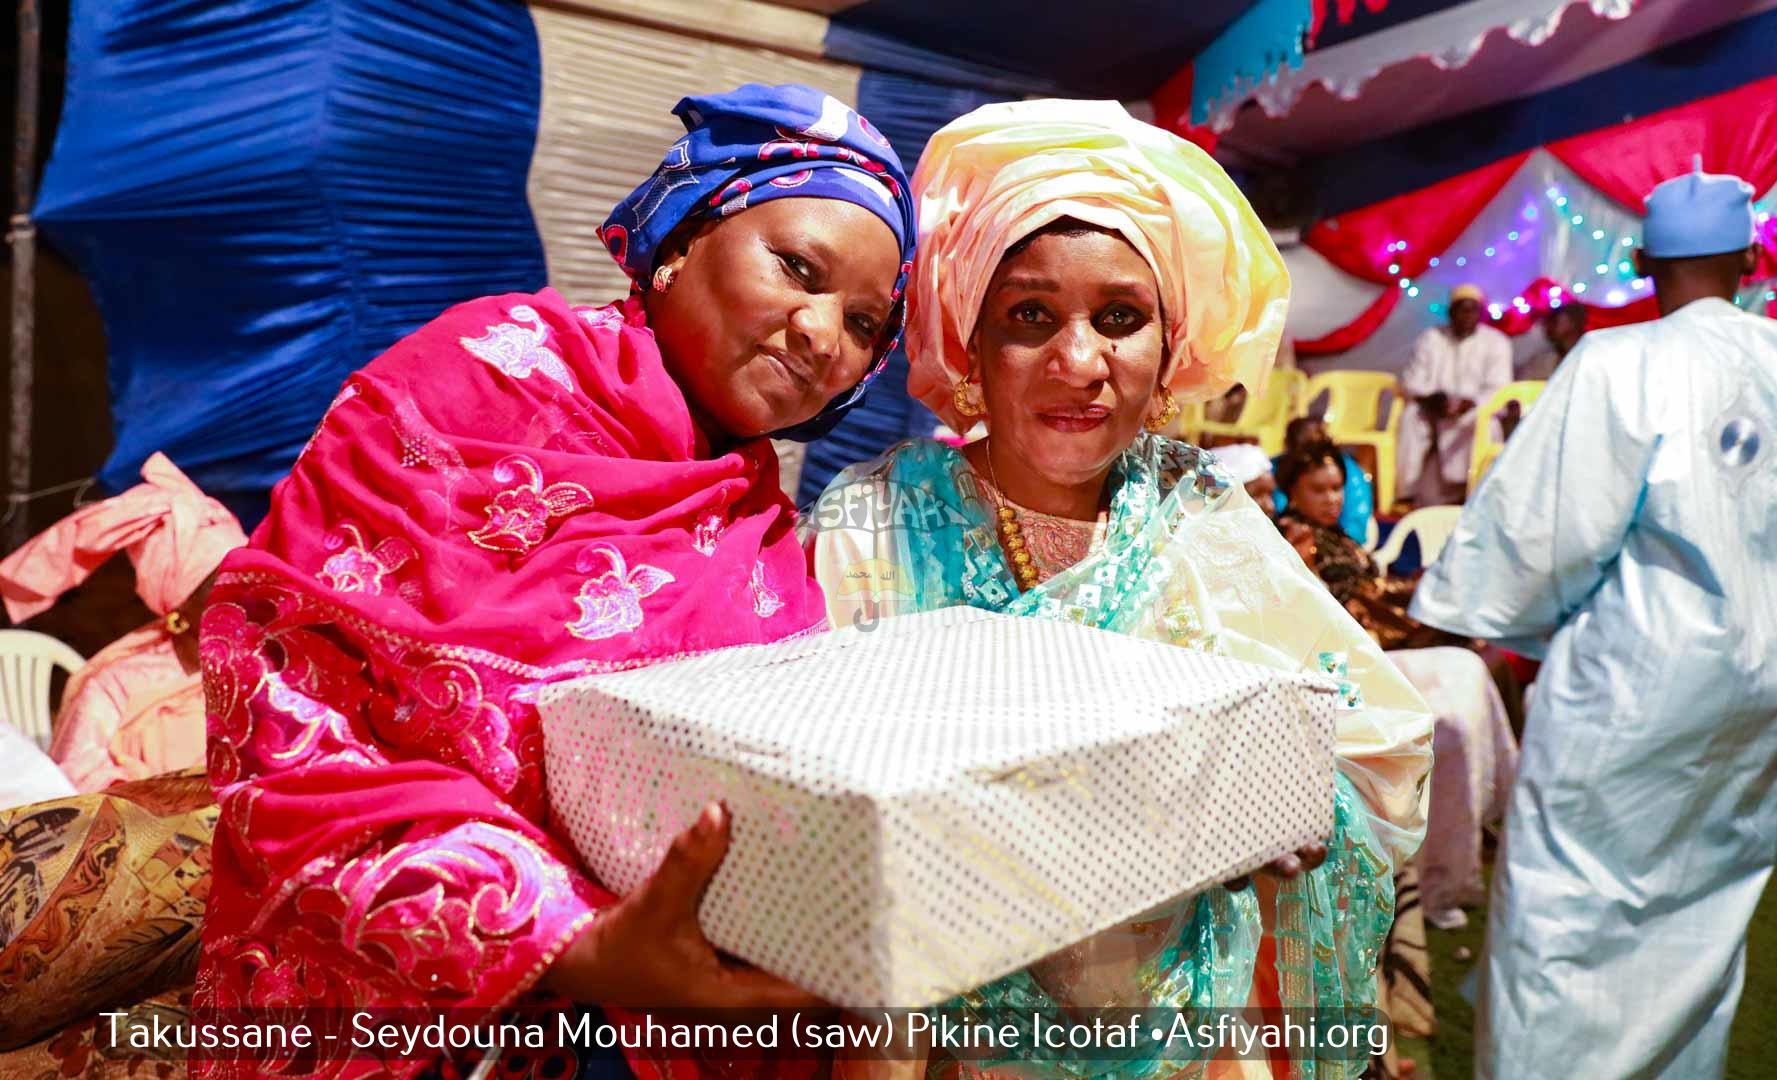 PHOTOS - PIKINE ICOTAF - Les Images du Takussan Seydouna Mouyhamed (saw) édition 2020, organisé par Alioune Badara Ndoye, présidé par Serigne Moulaye Sy Habib